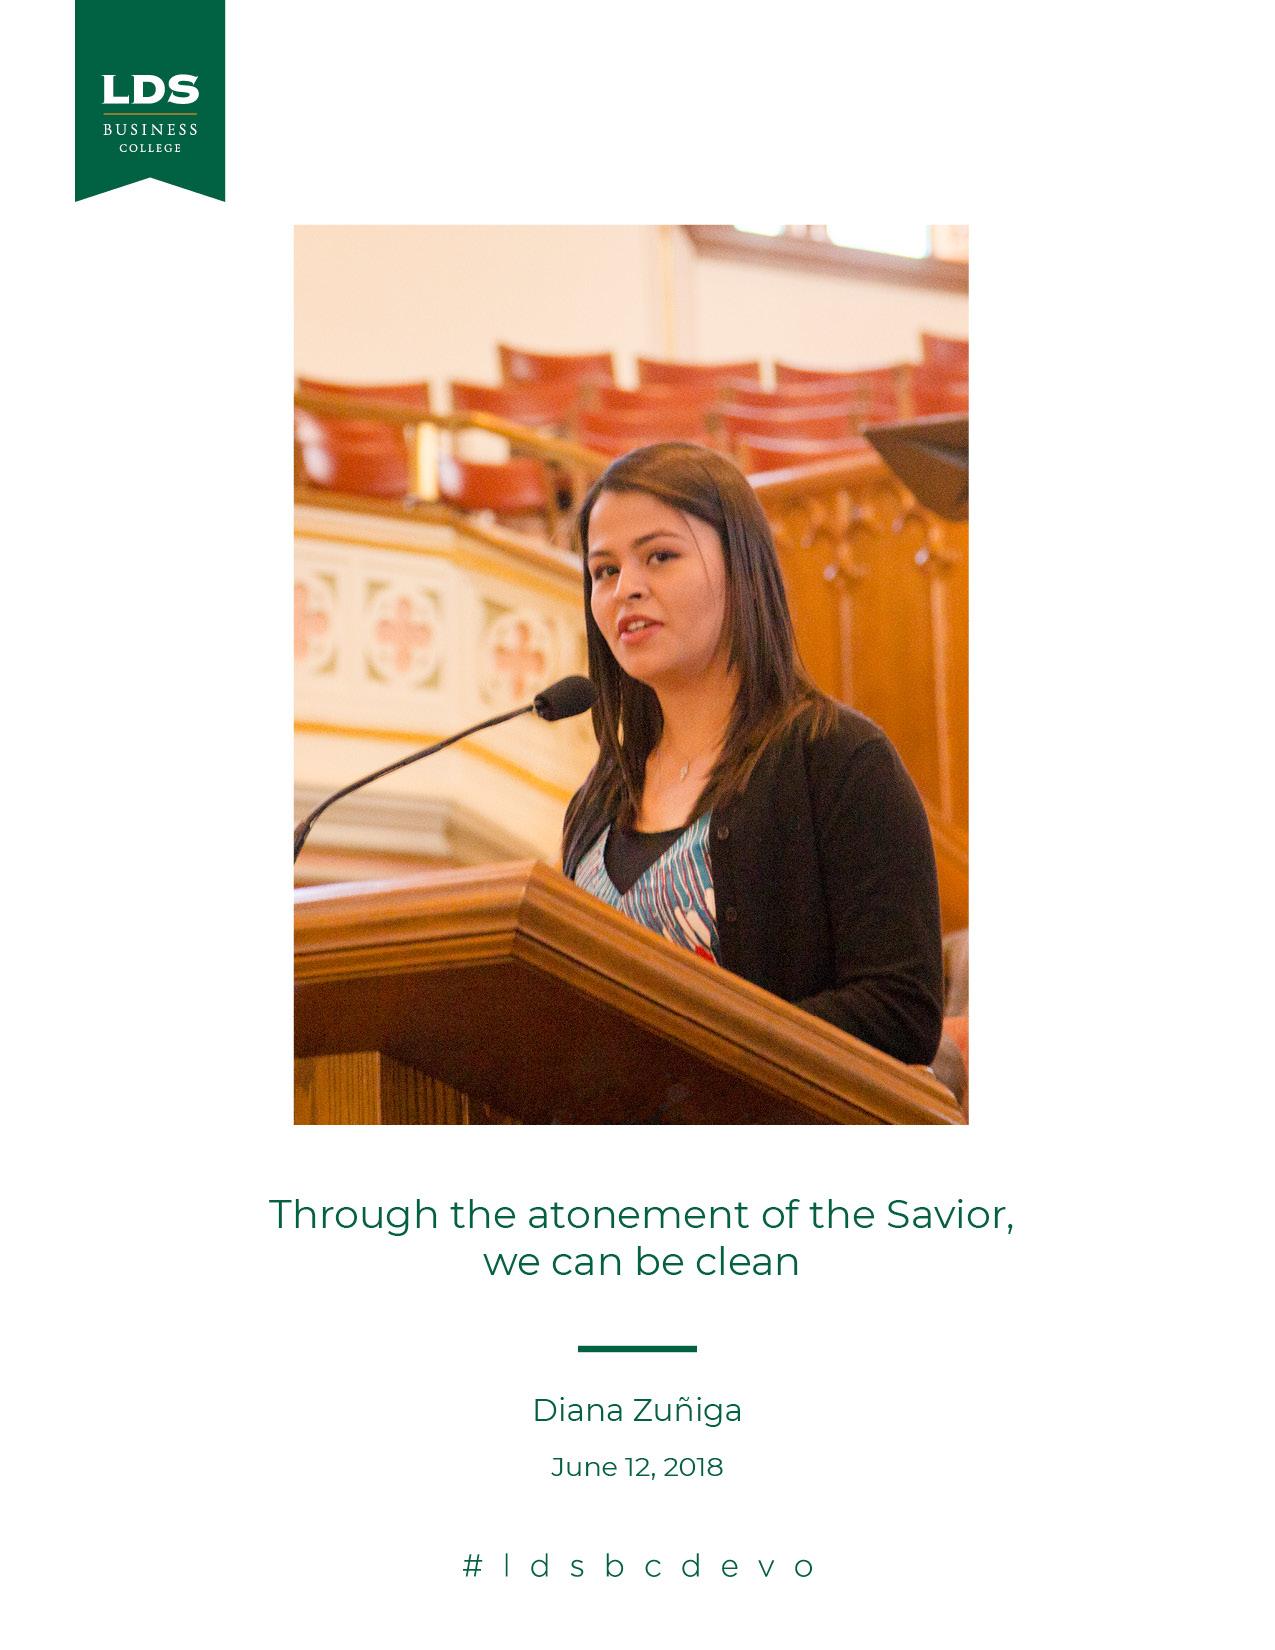 Diana Zuniga quote